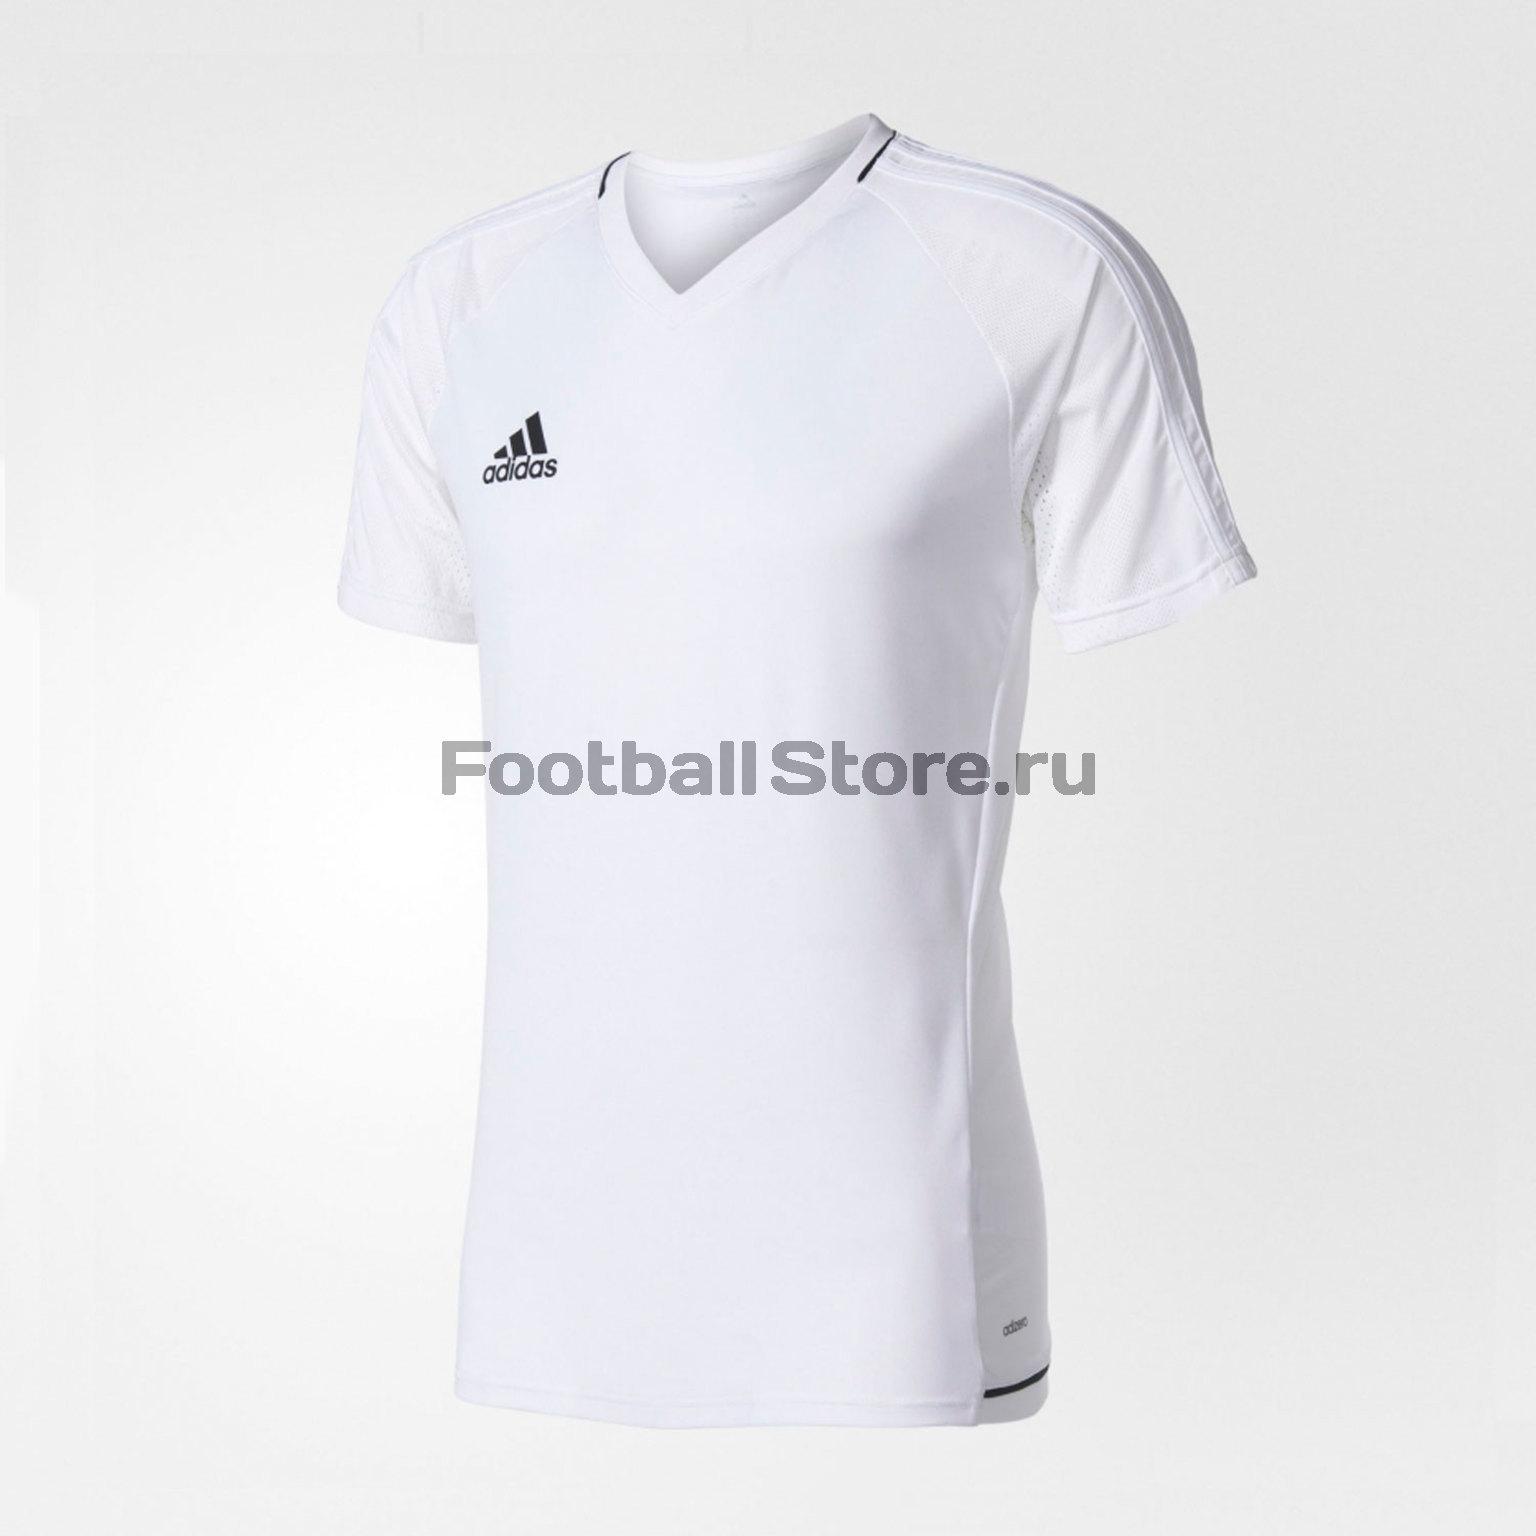 Футболка тренировочная Adidas Tiro17 TRG JSY BQ2801 футболка тренировочная adidas tiro17 tee ay2964